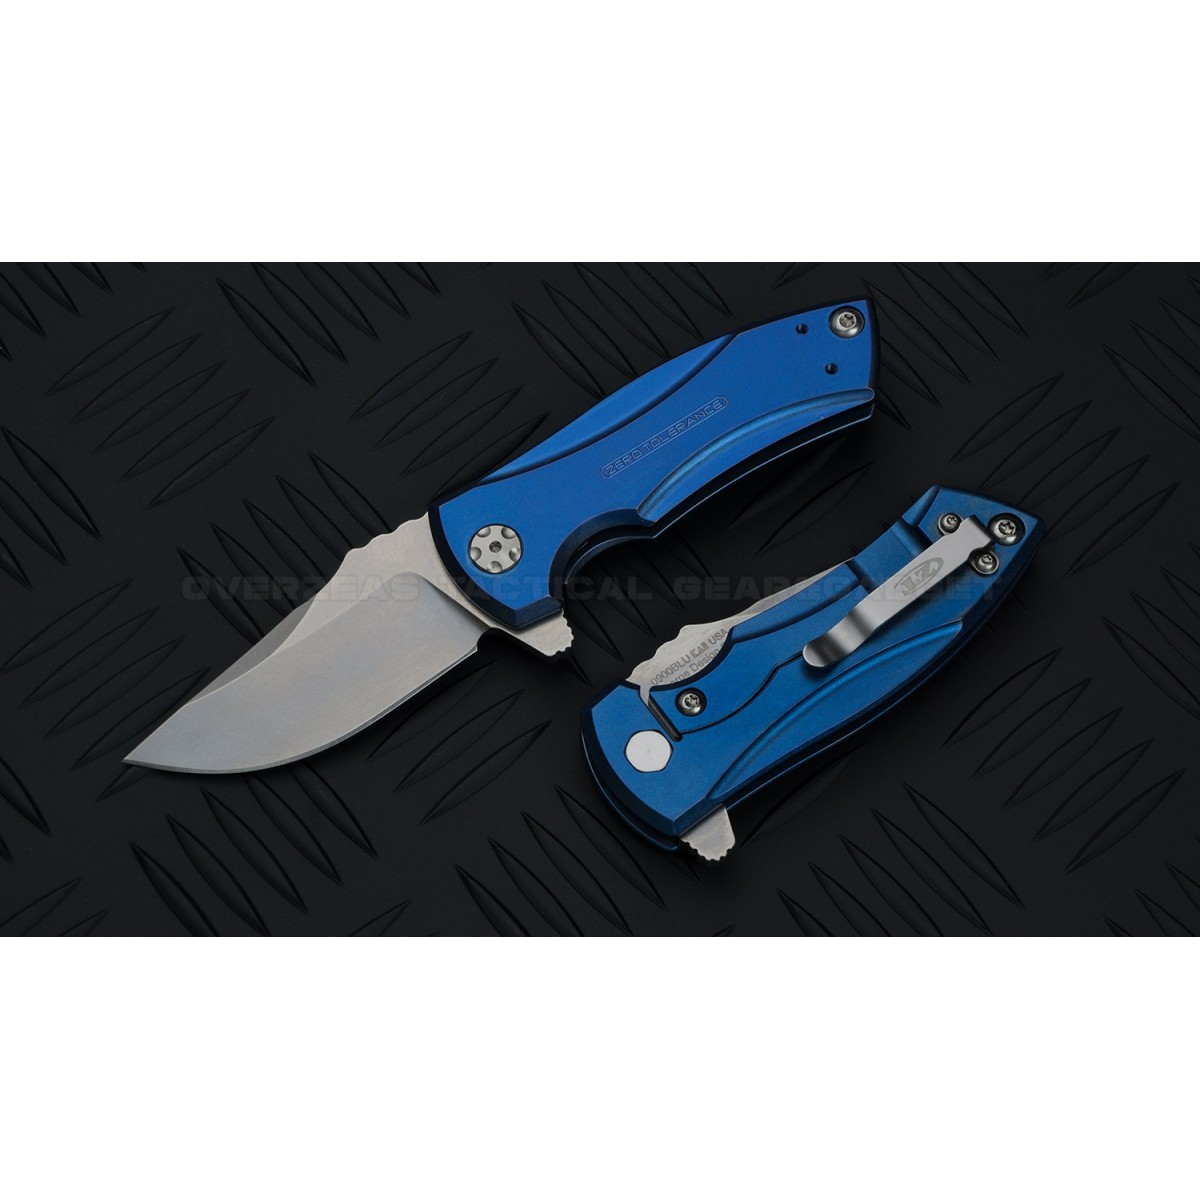 มีดพับ ZT (Zero Tolerance) 0900BLU Blue Anodized Les George Design * SPRINTRUN *